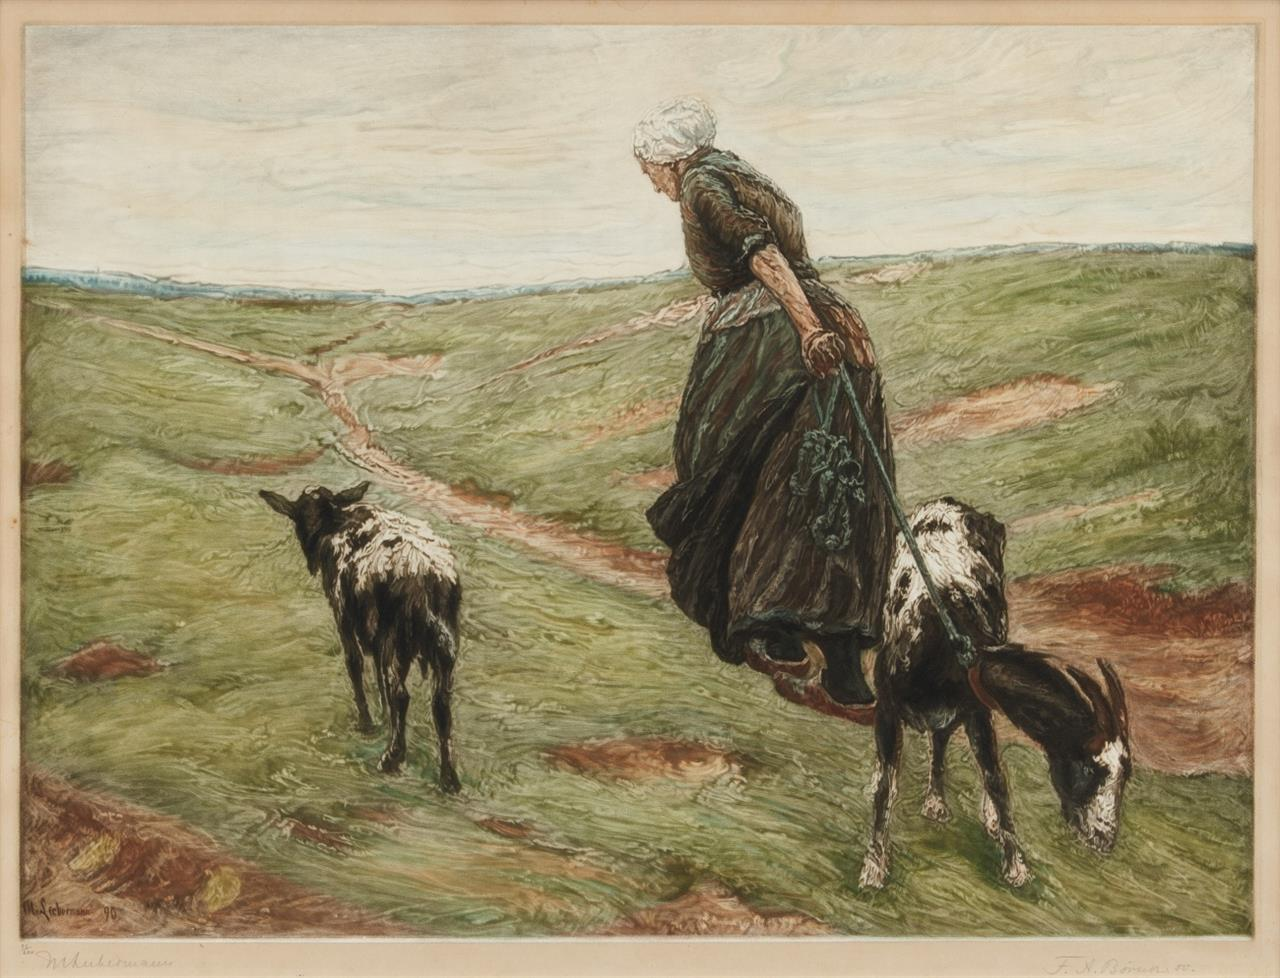 F.A. Börner nach M. Liebermann. Alte Frau mit Ziegen. 1890. Farbheliogravure. Signiert. Ex. 63/200.